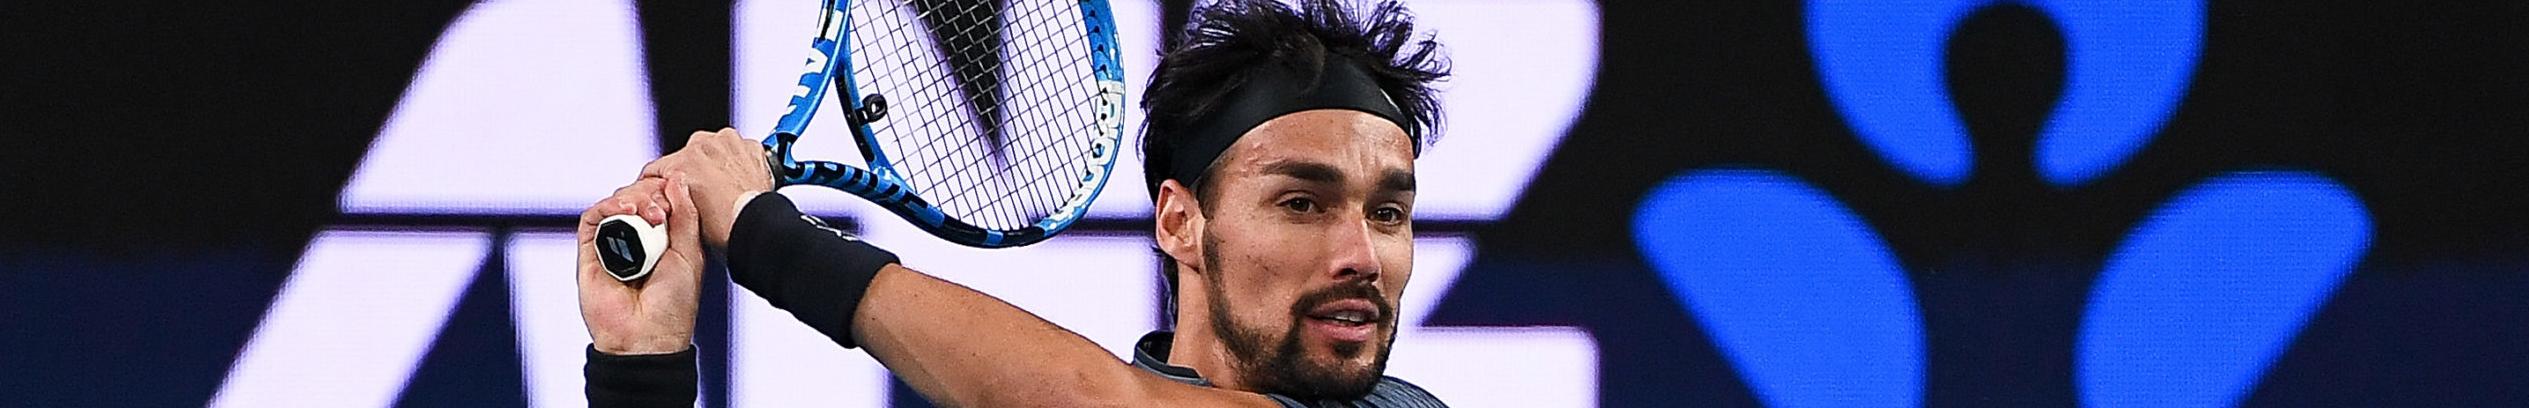 ATP Cup 2020: Fognini in campo, ma occhio a Kyrgios e al big match Zverev-Tsitsipas